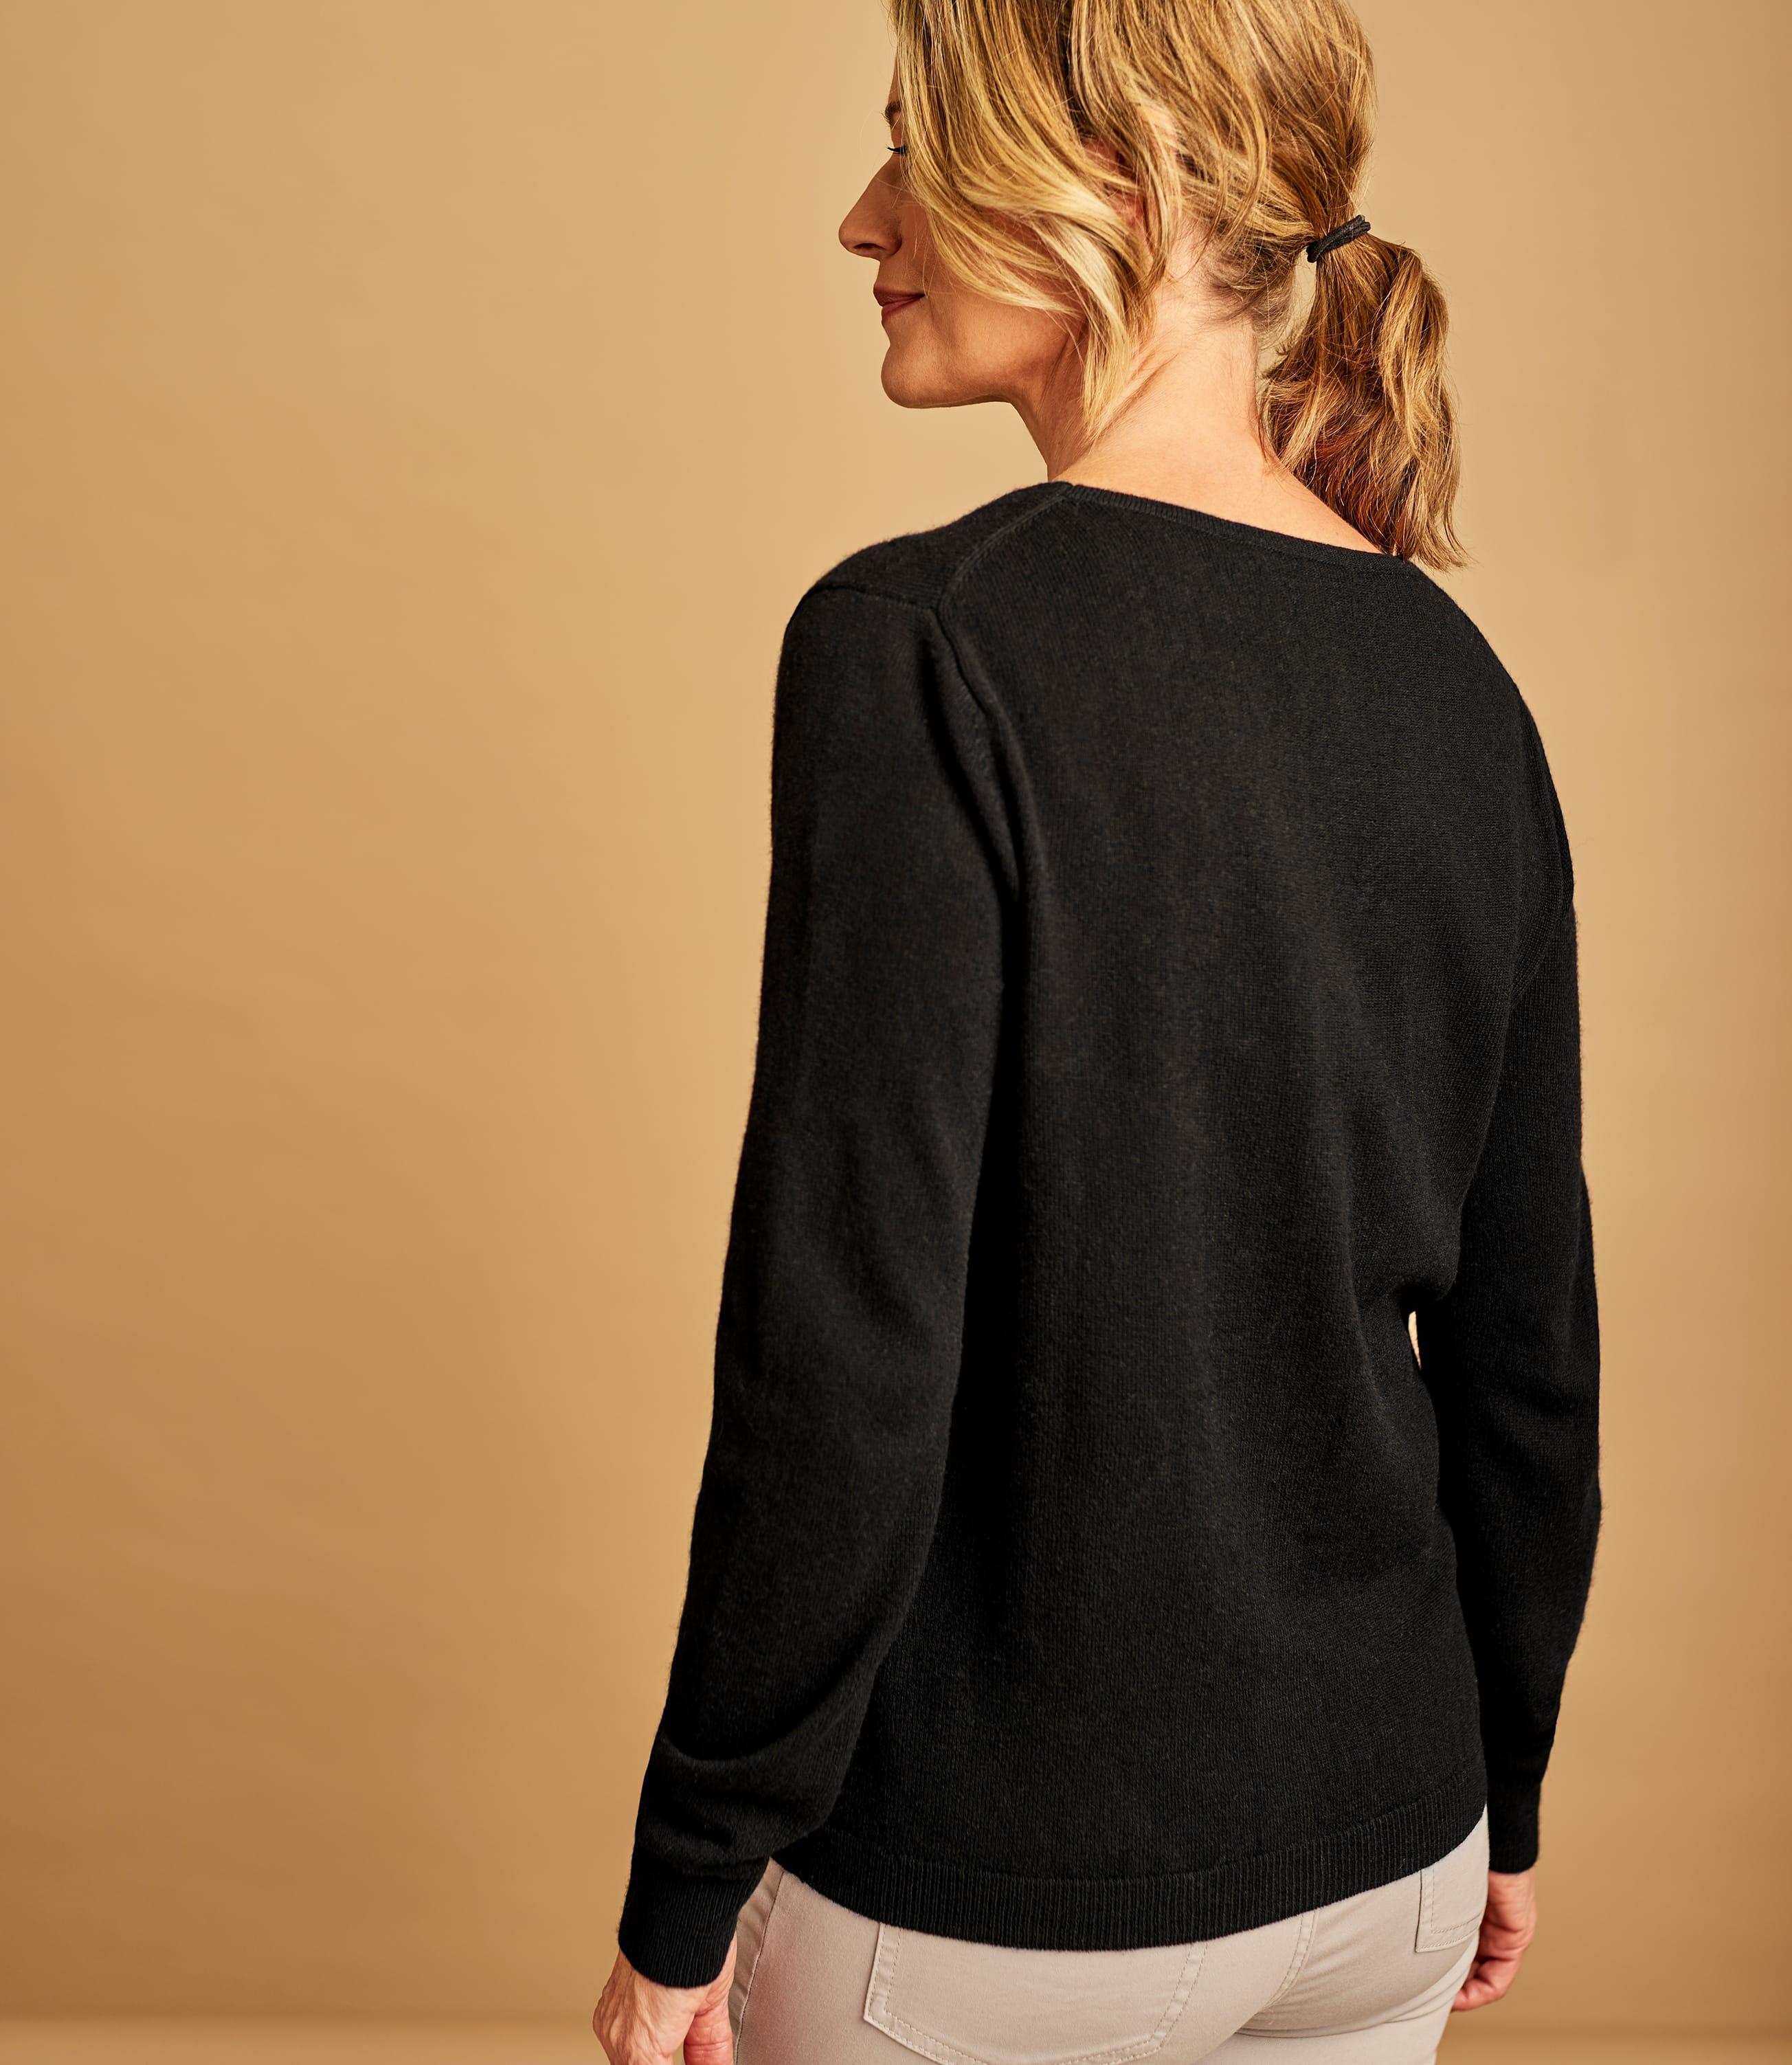 Strickjacke mit V-Ausschnitt aus Merino- und Kaschmirwolle für Damen